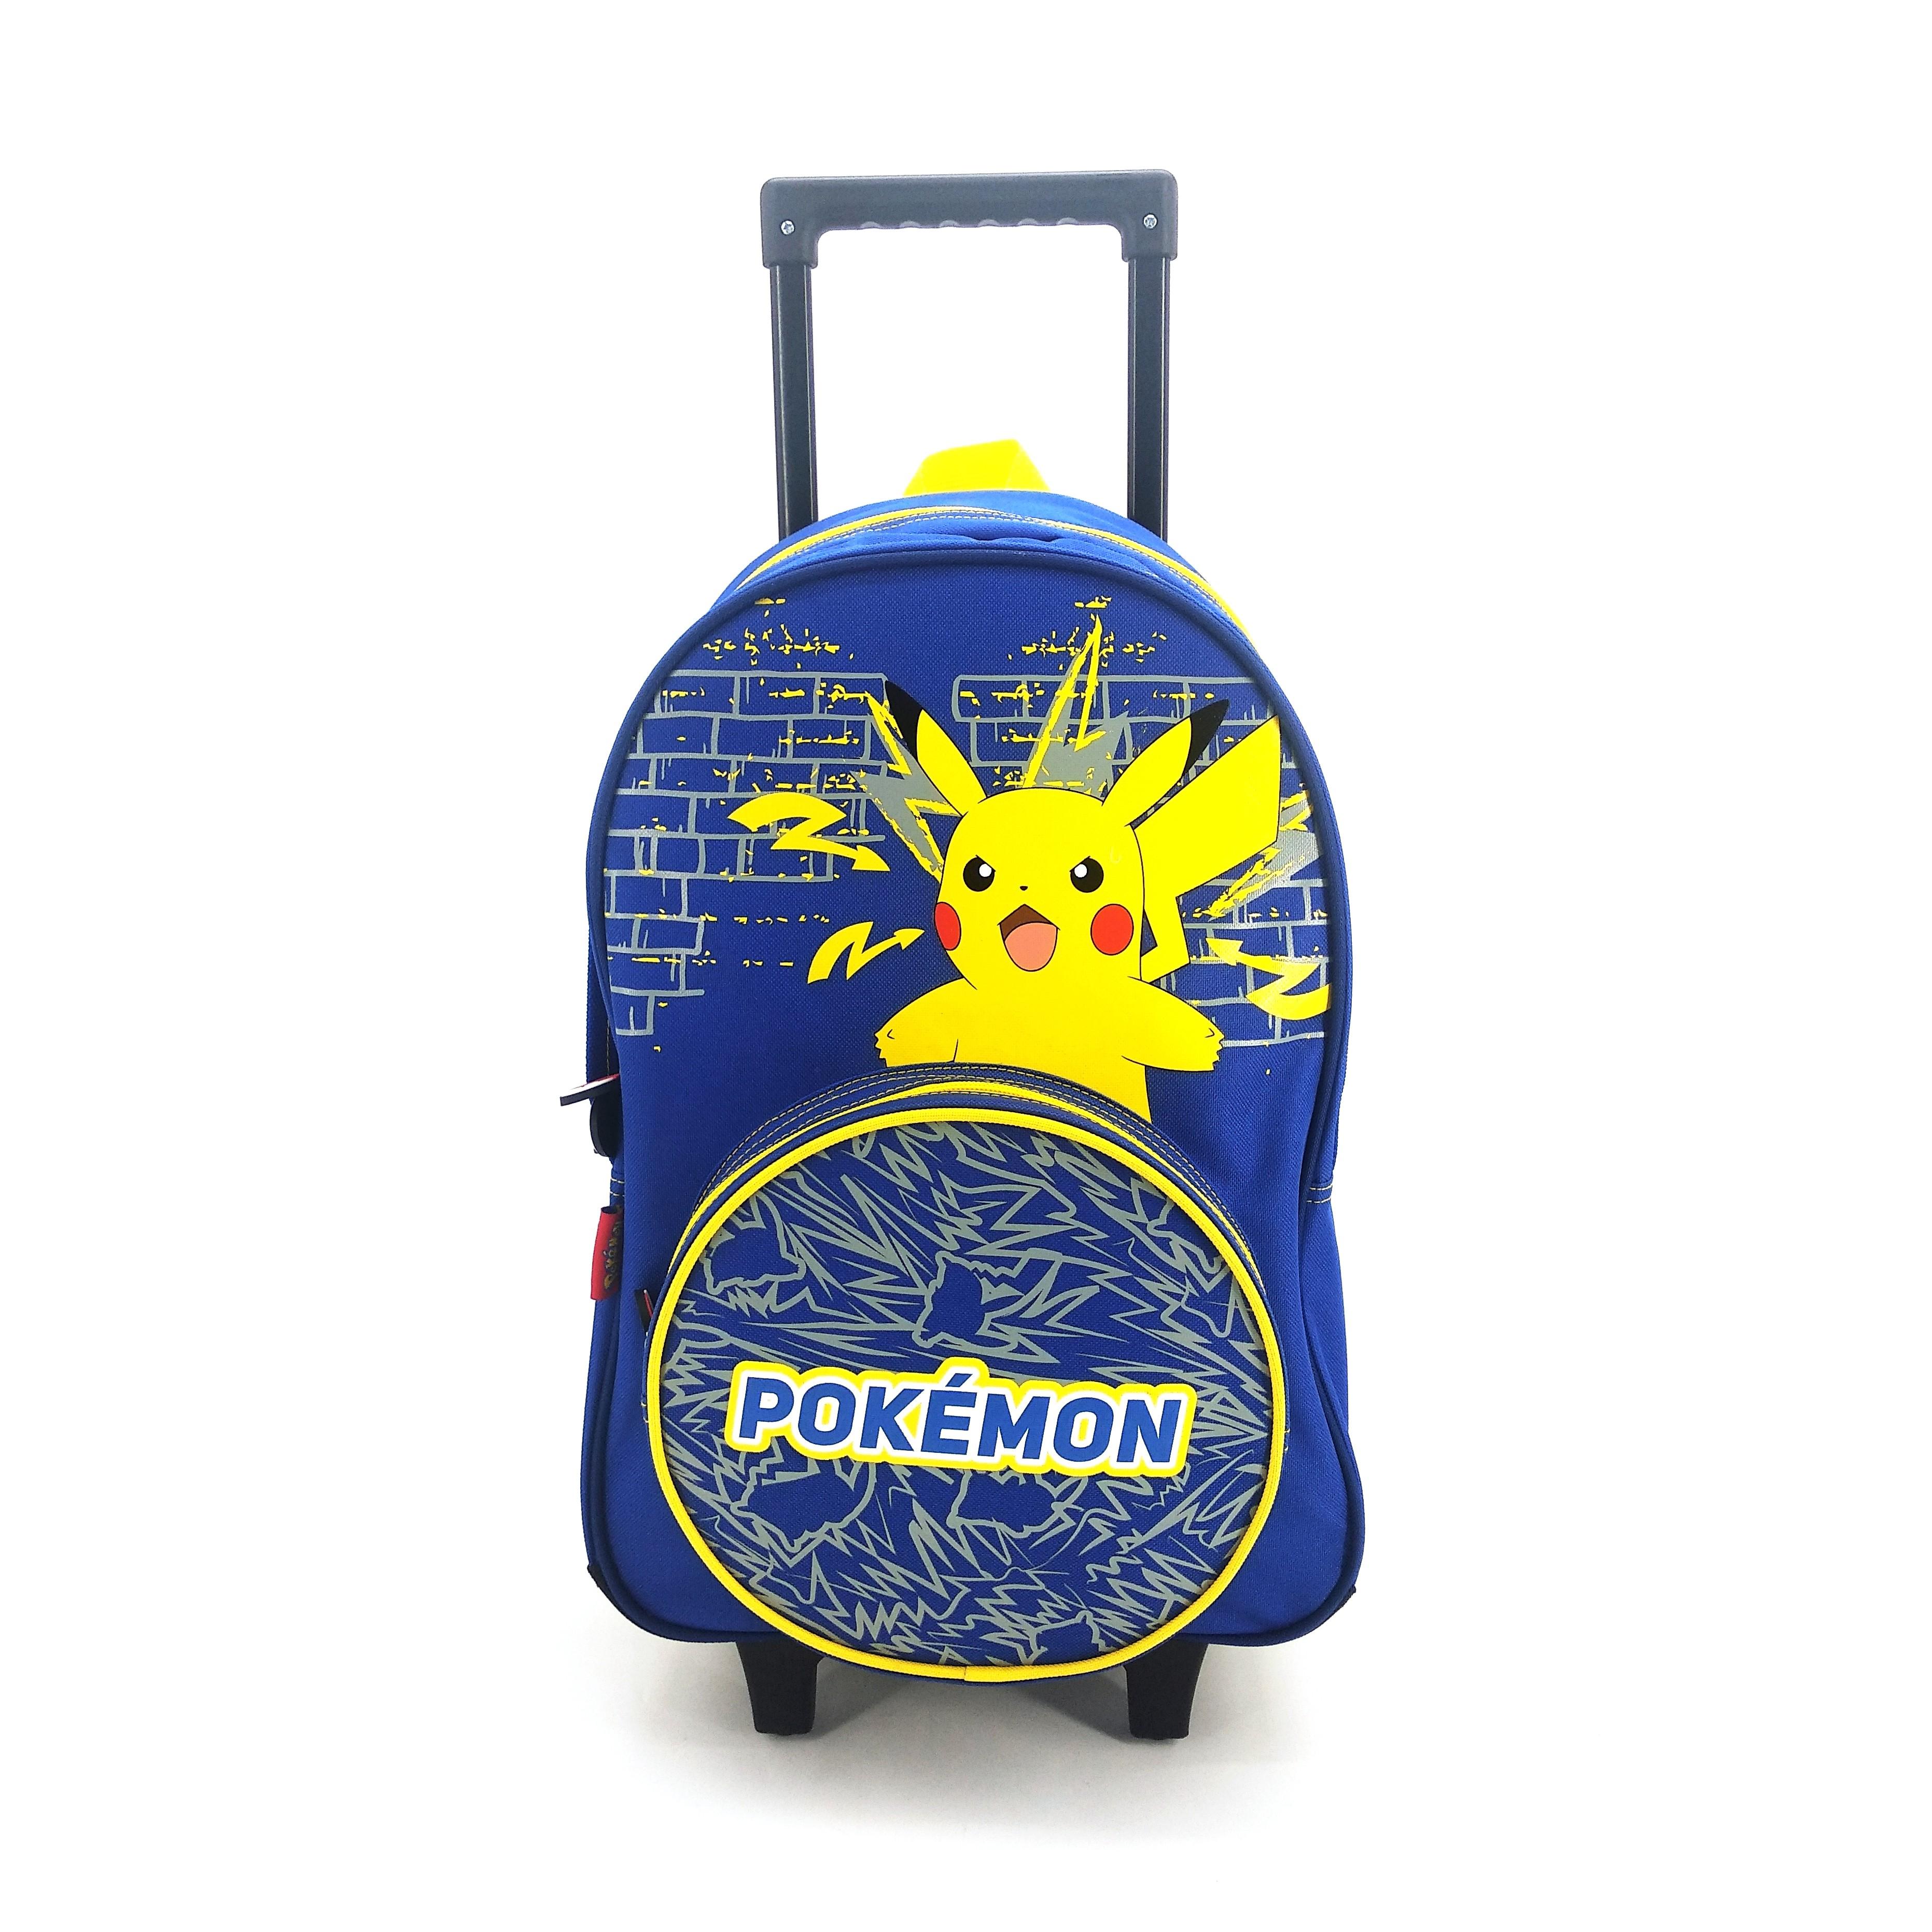 Sac à dos à roulettes Pokemon - 2 compartiments - bleu marine - Bagtrotter